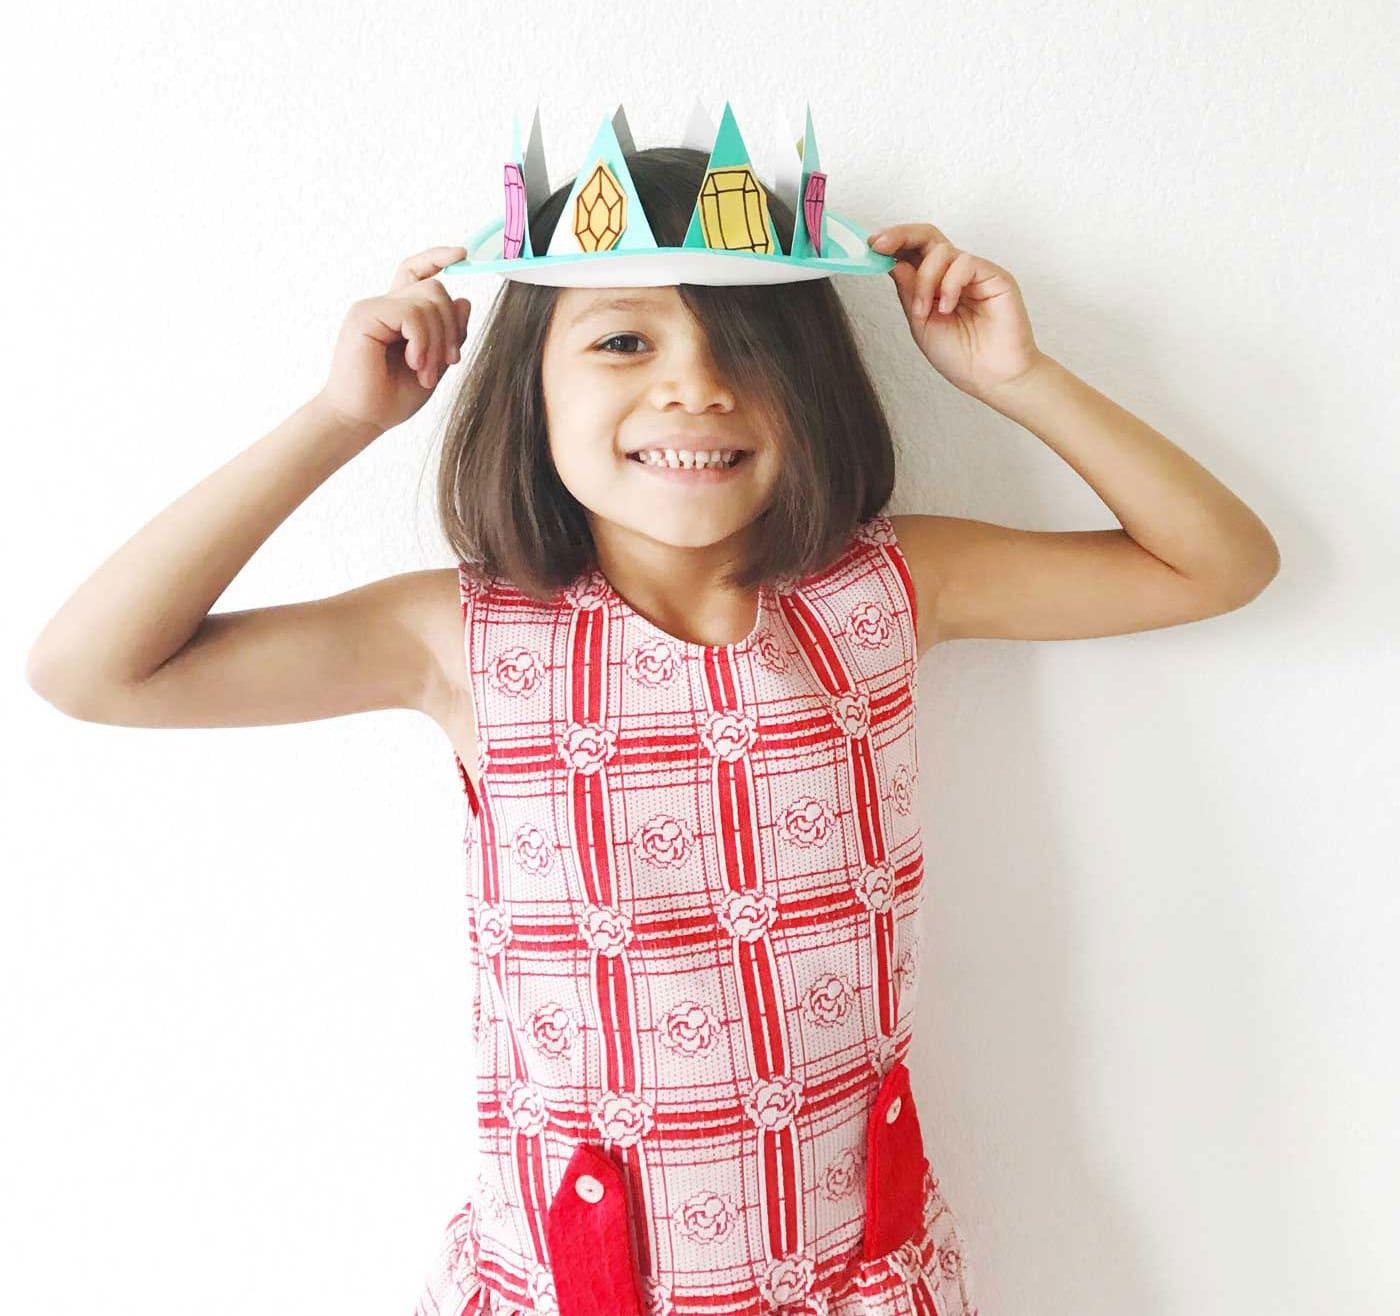 آموزش ساخت تاج کودکانه